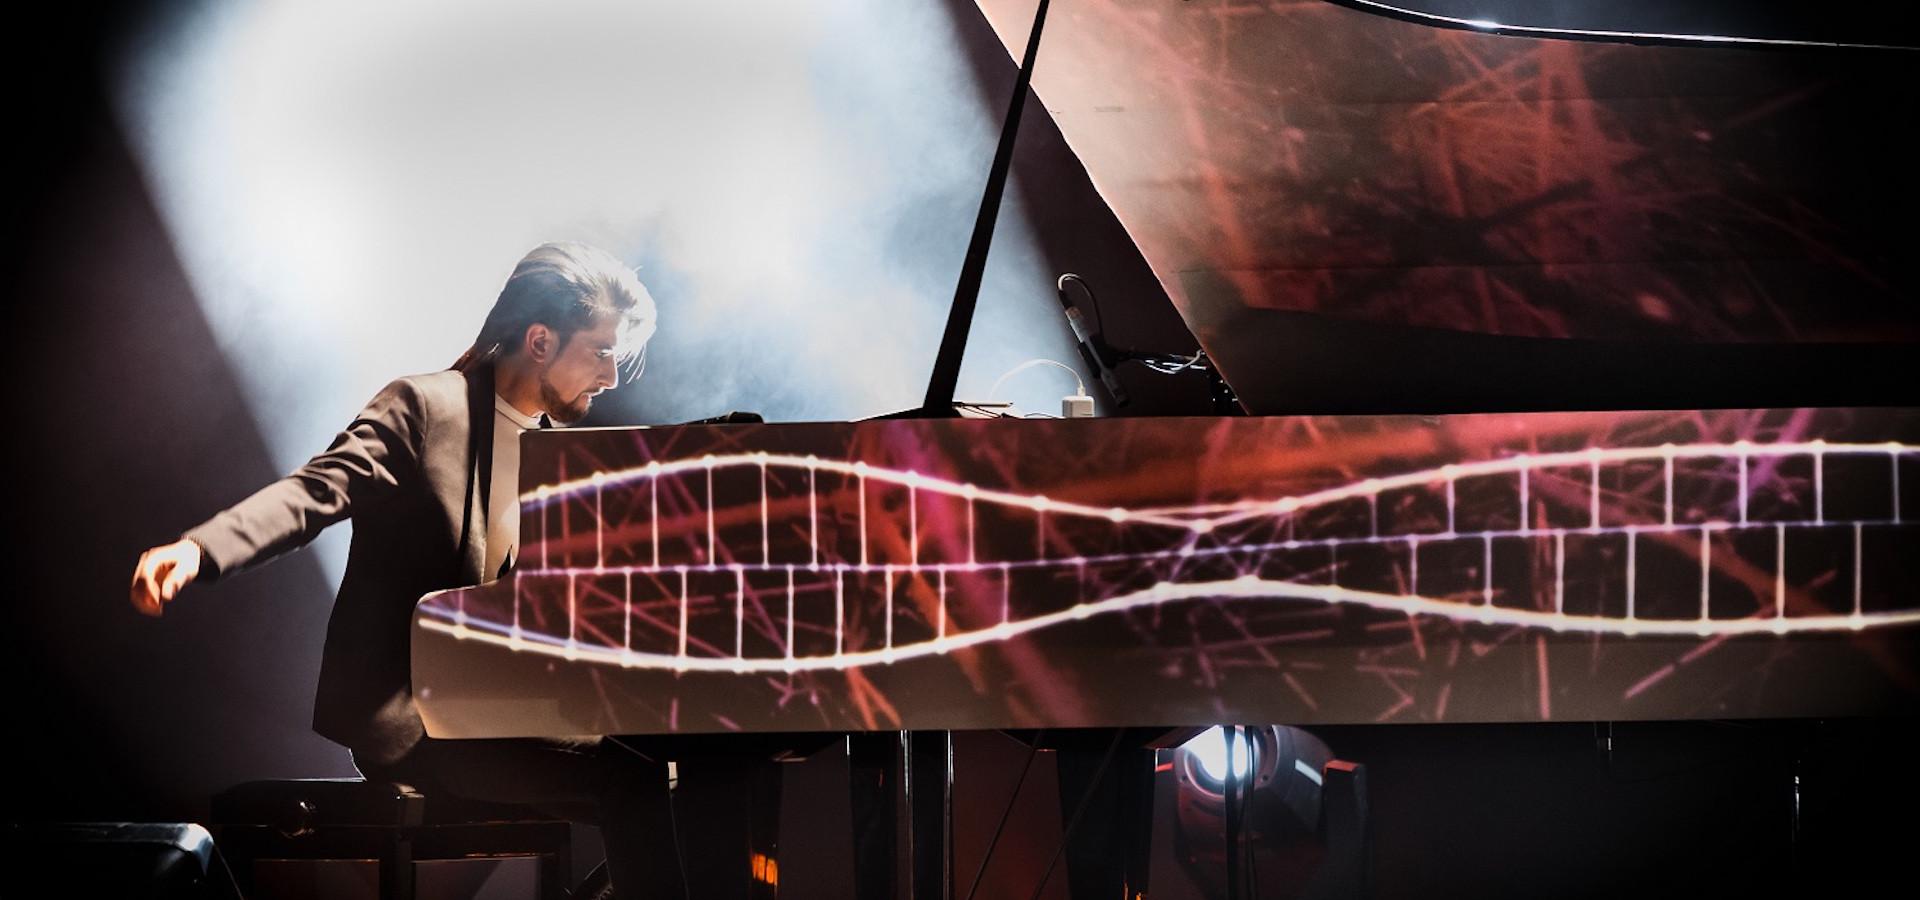 Погружение. Евгений Соколовский (рояль). Мультимедиа концерт в Artnovi Space фото